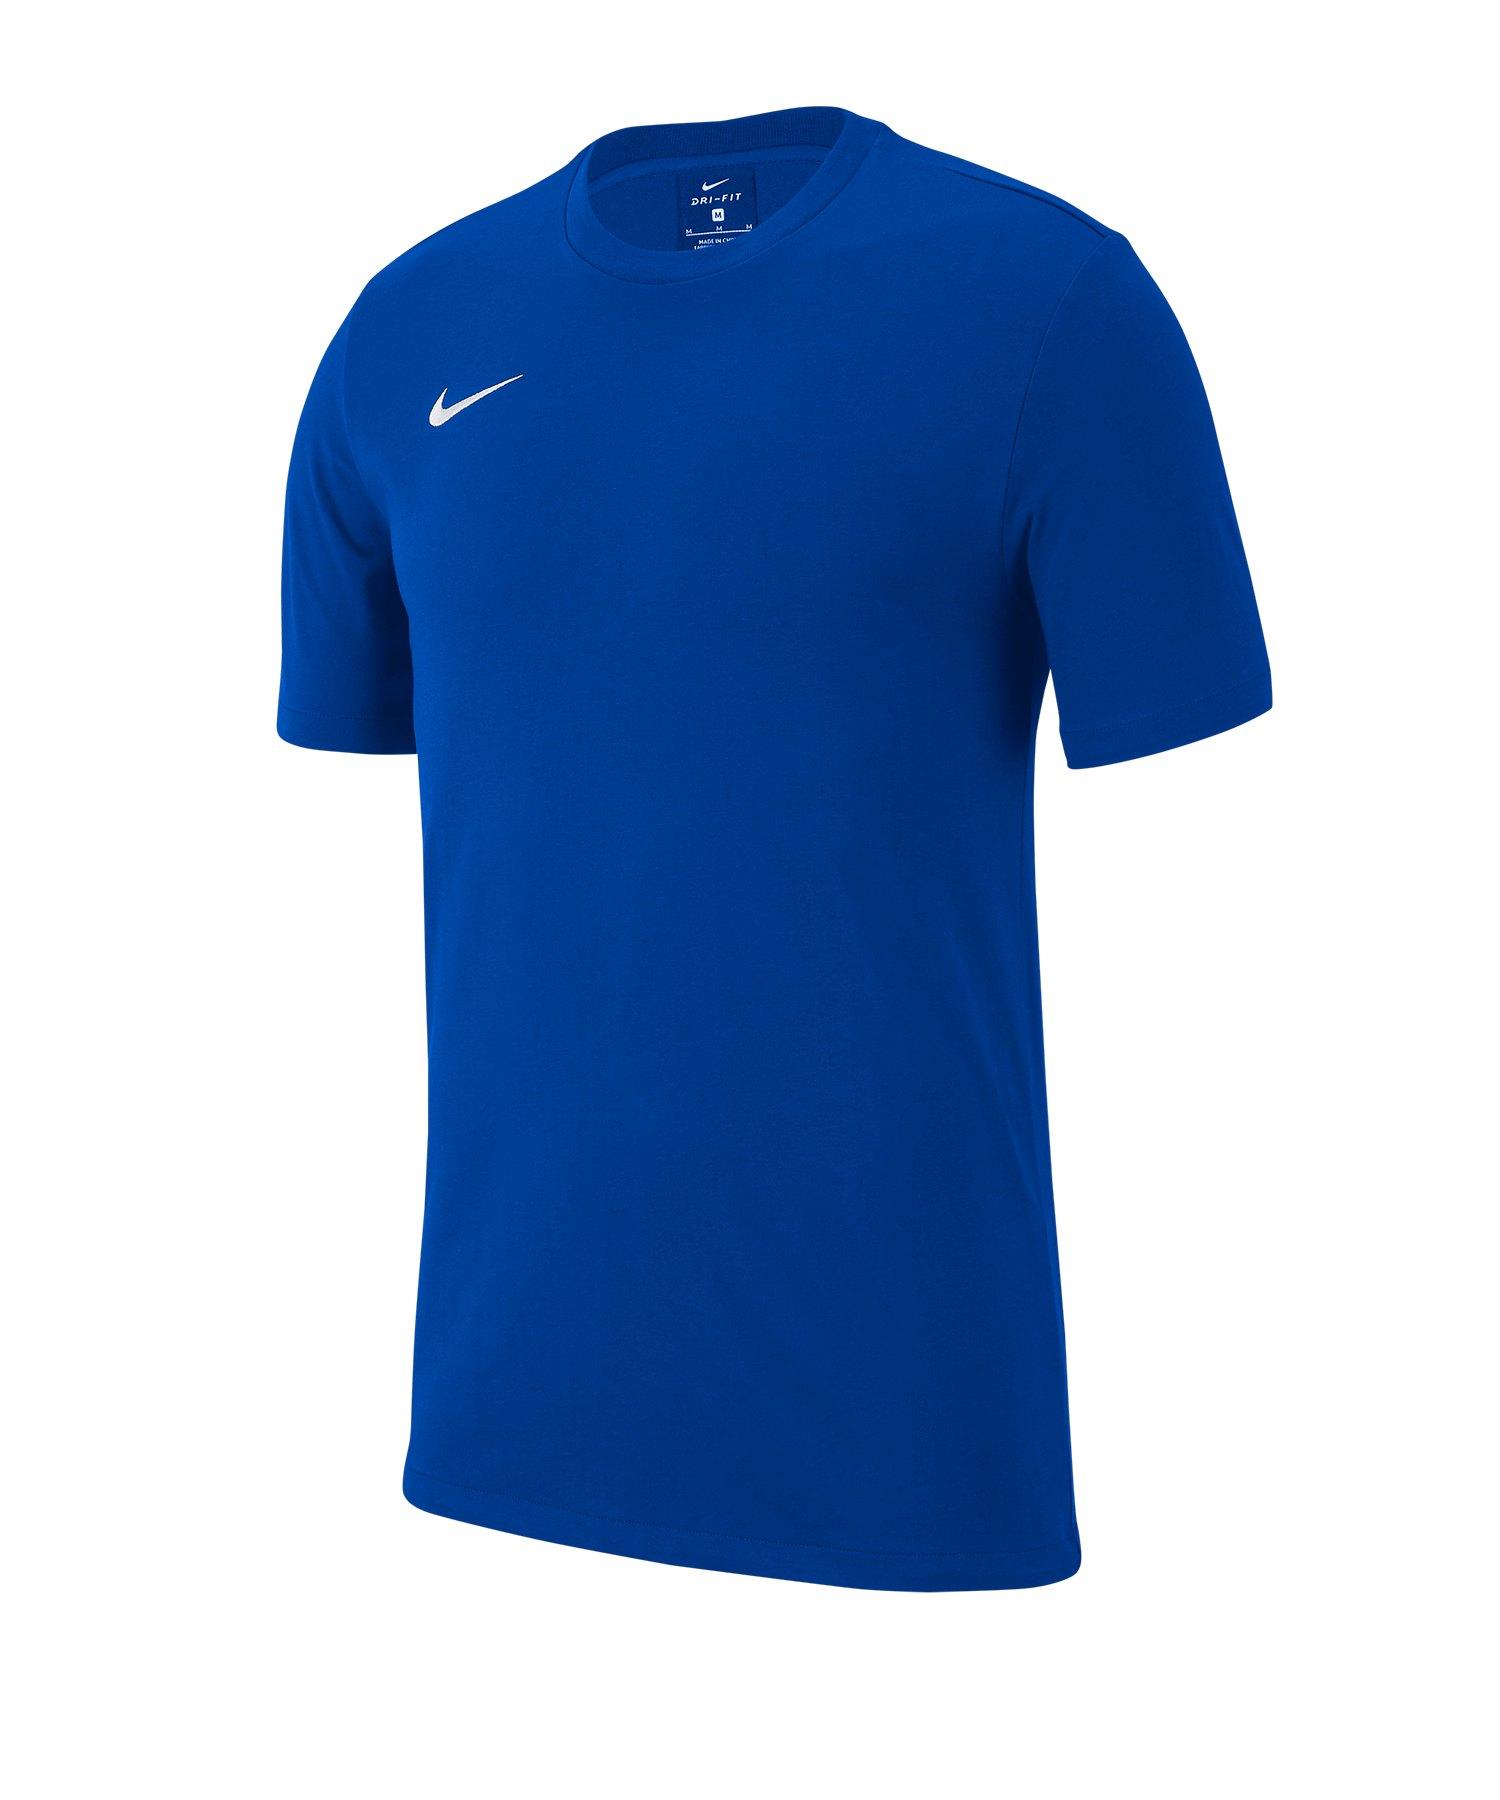 Nike Club 19 T-Shirt Blau F463 - blau